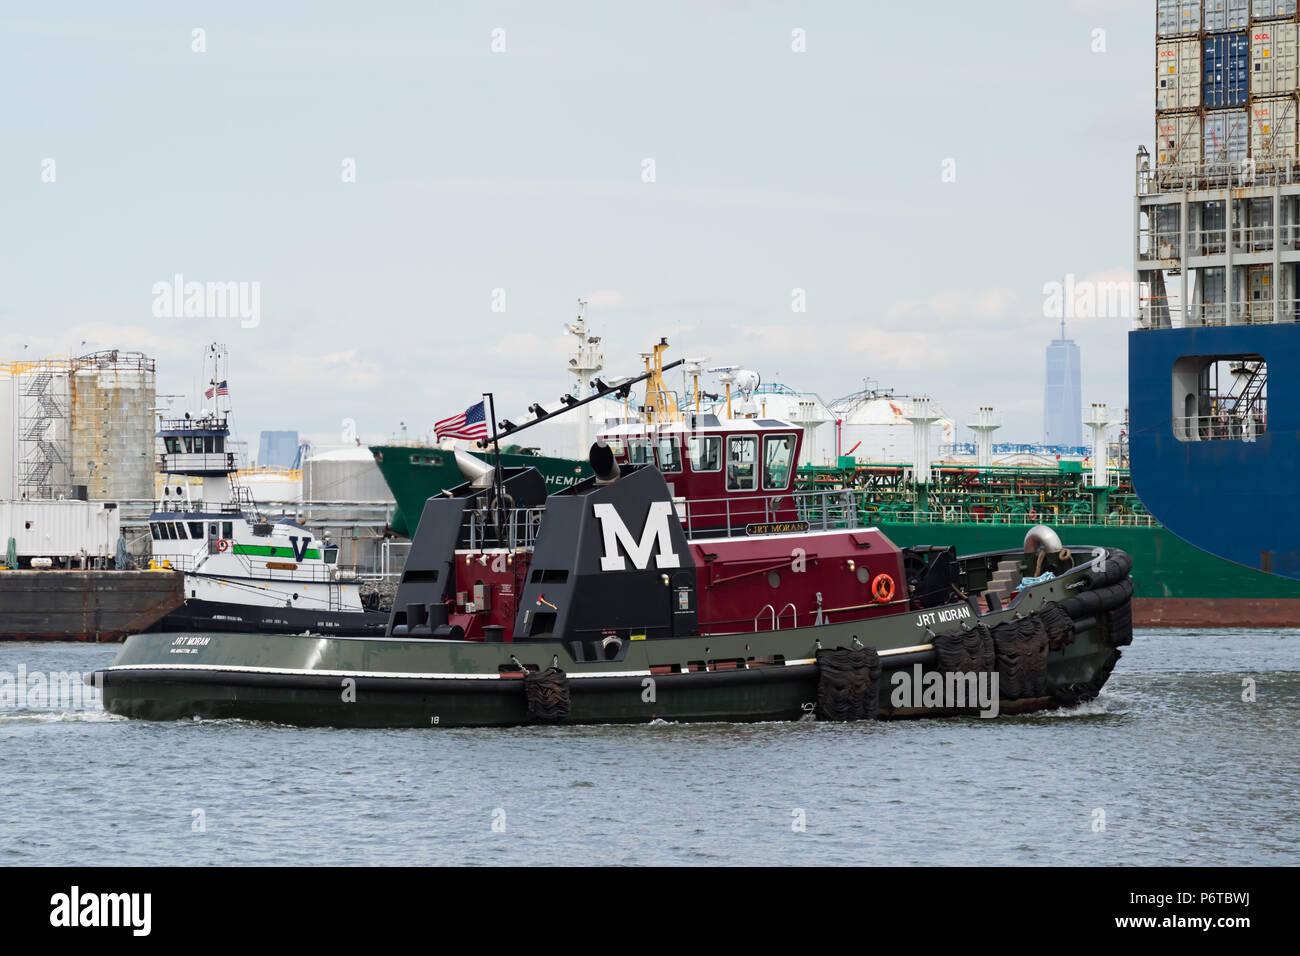 Moran Abschleppen des Traktors tug JRT MORAN eskortieren einen Container schiff entlang der geschäftigen Kill Van Kull Osten in den Hafen von New York. Freedom Tower im Hintergrund. Stockfoto